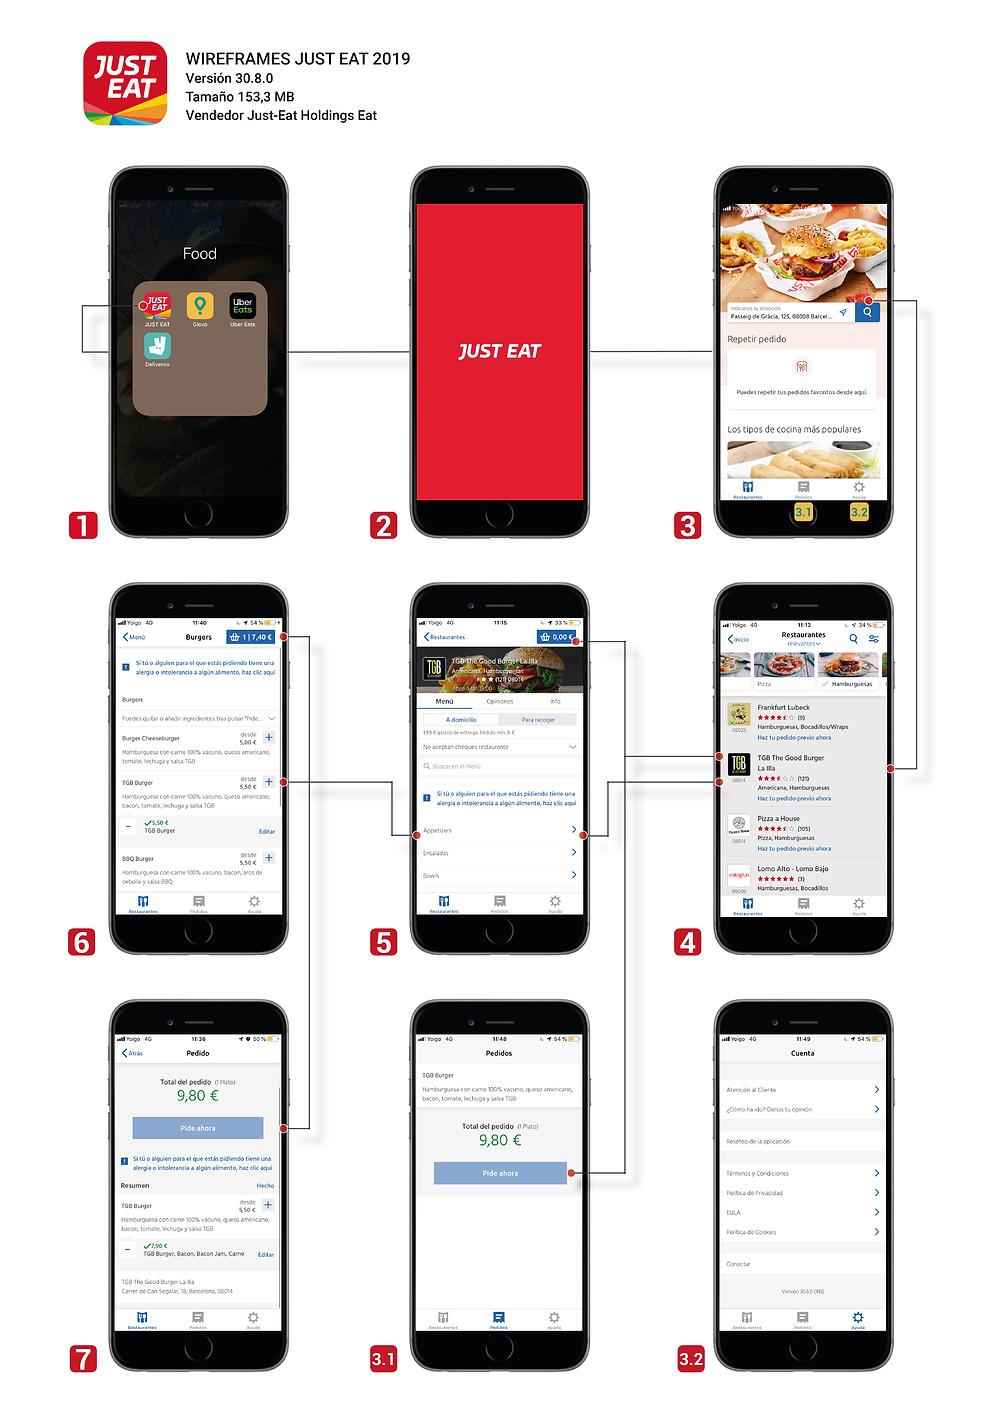 diseño ux/ui Just Eat app